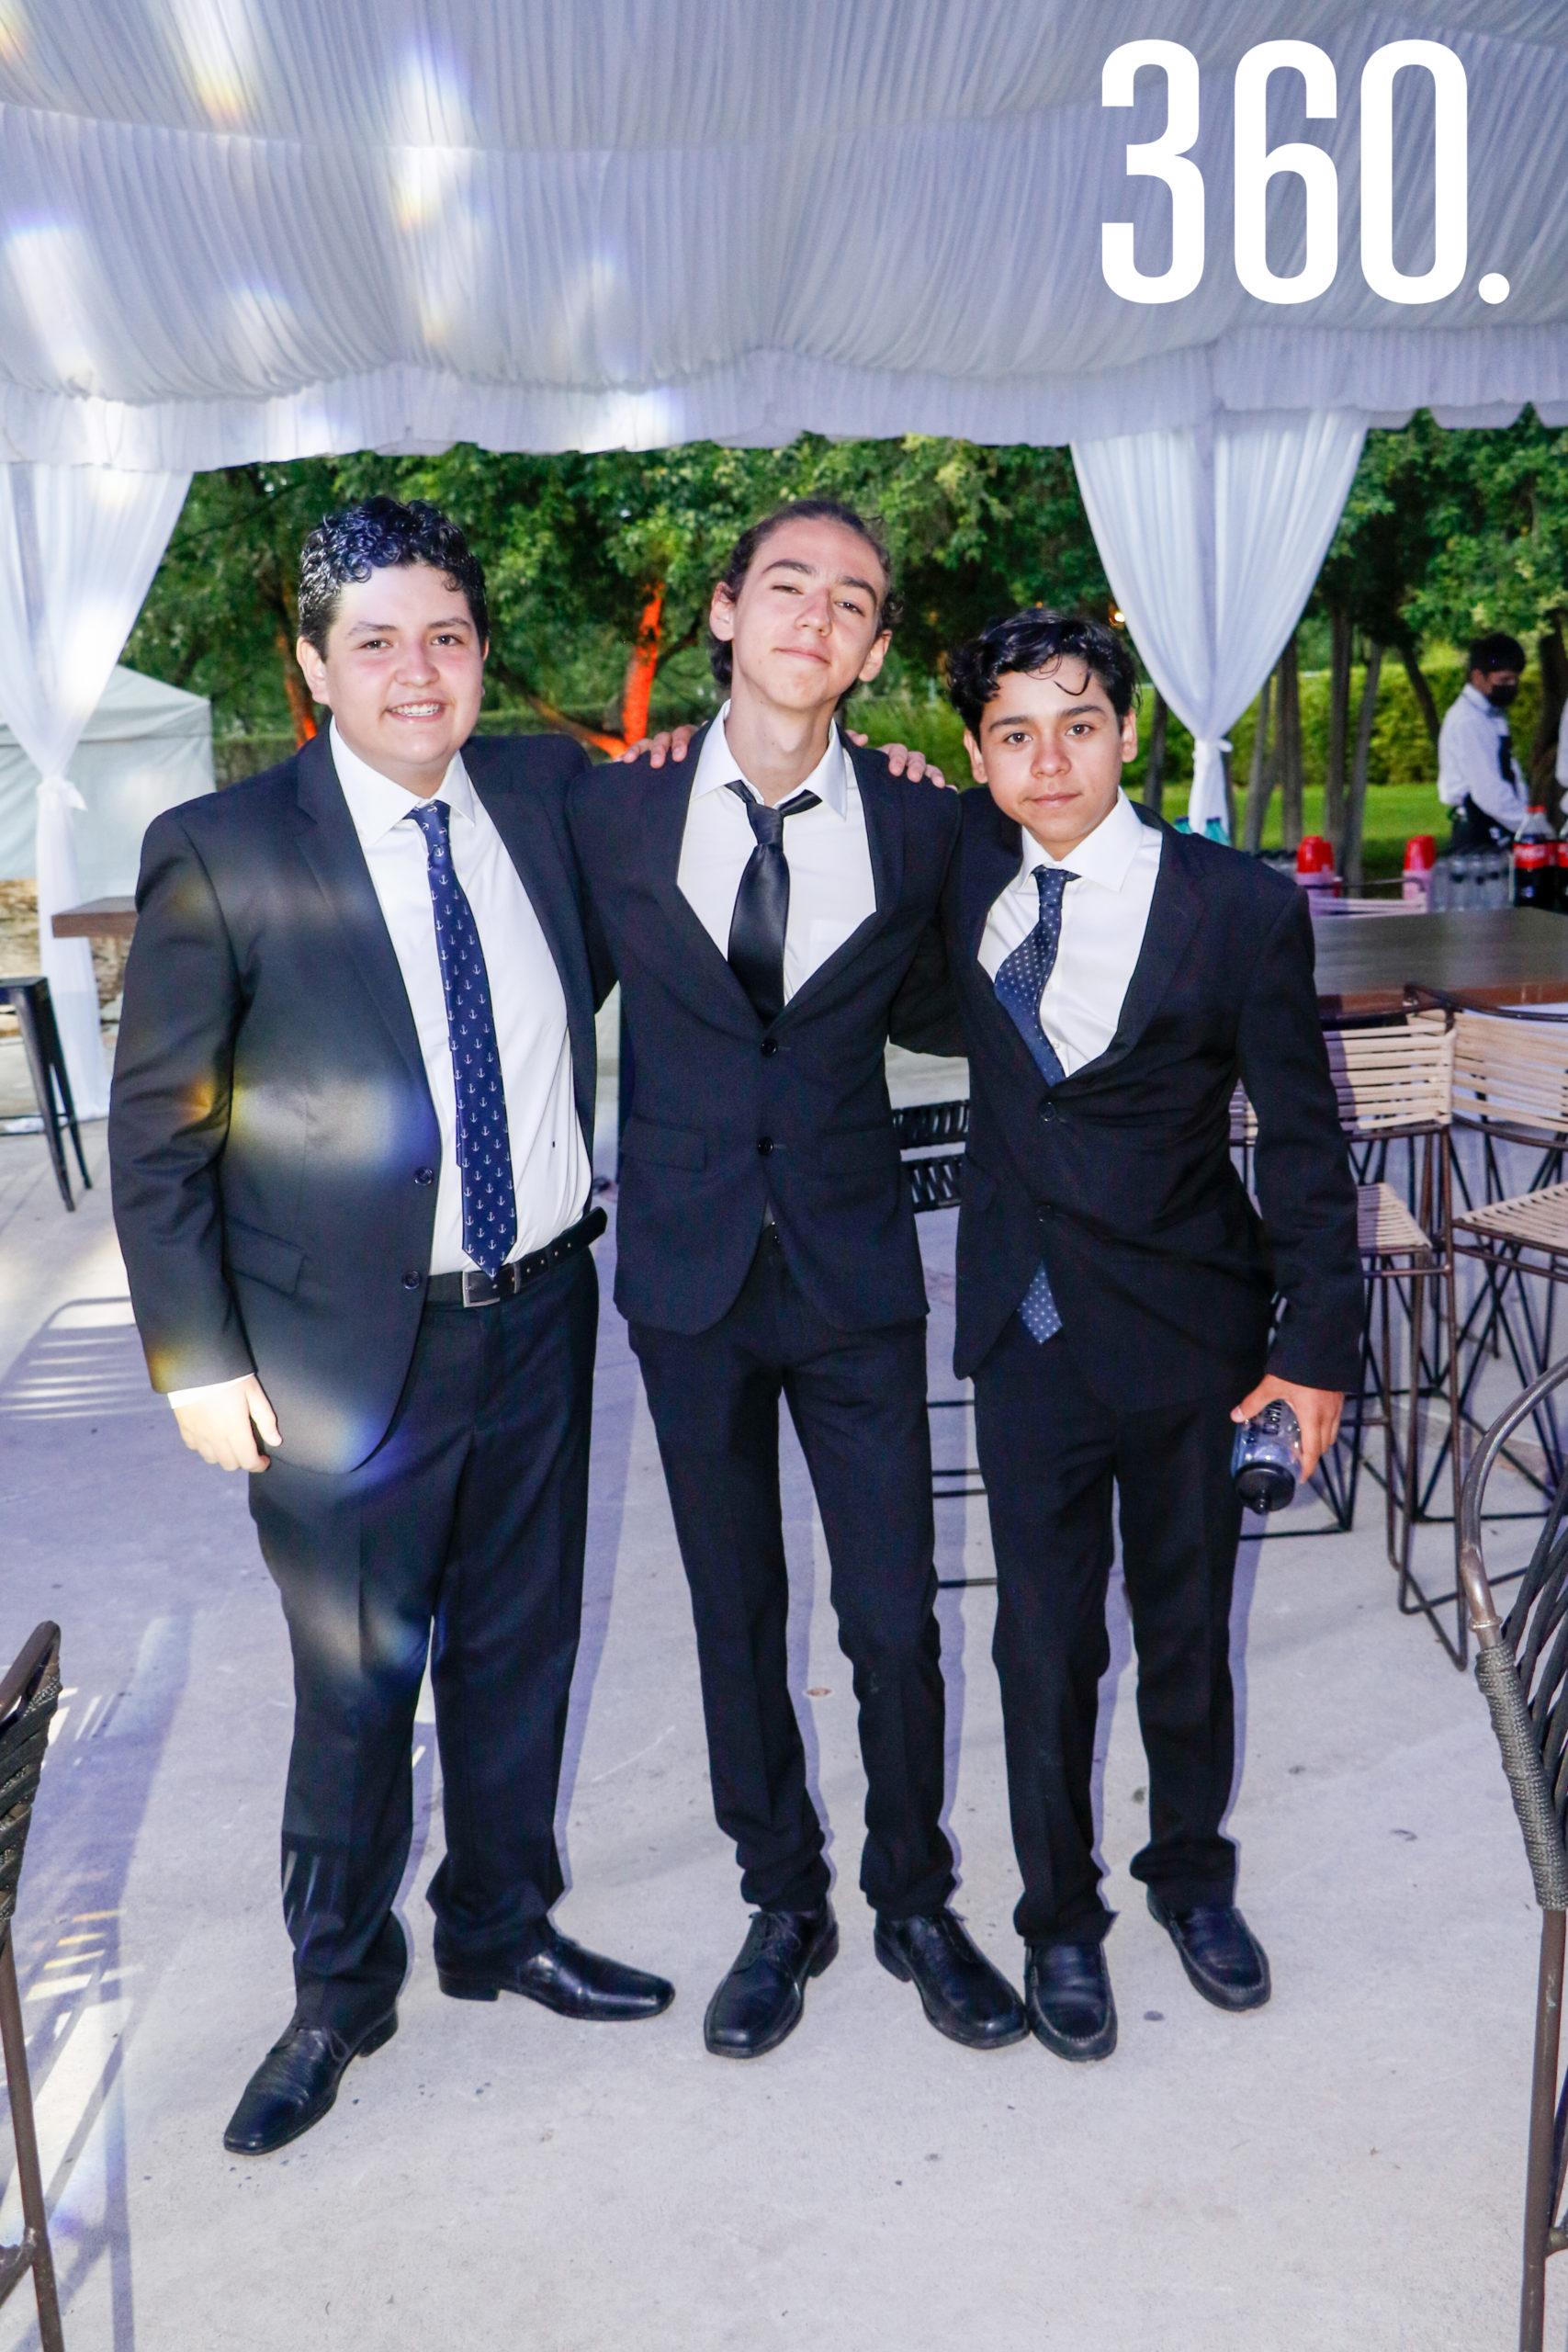 Nicolás Valdés, Isaac Jiménez y Marco Villarreal.